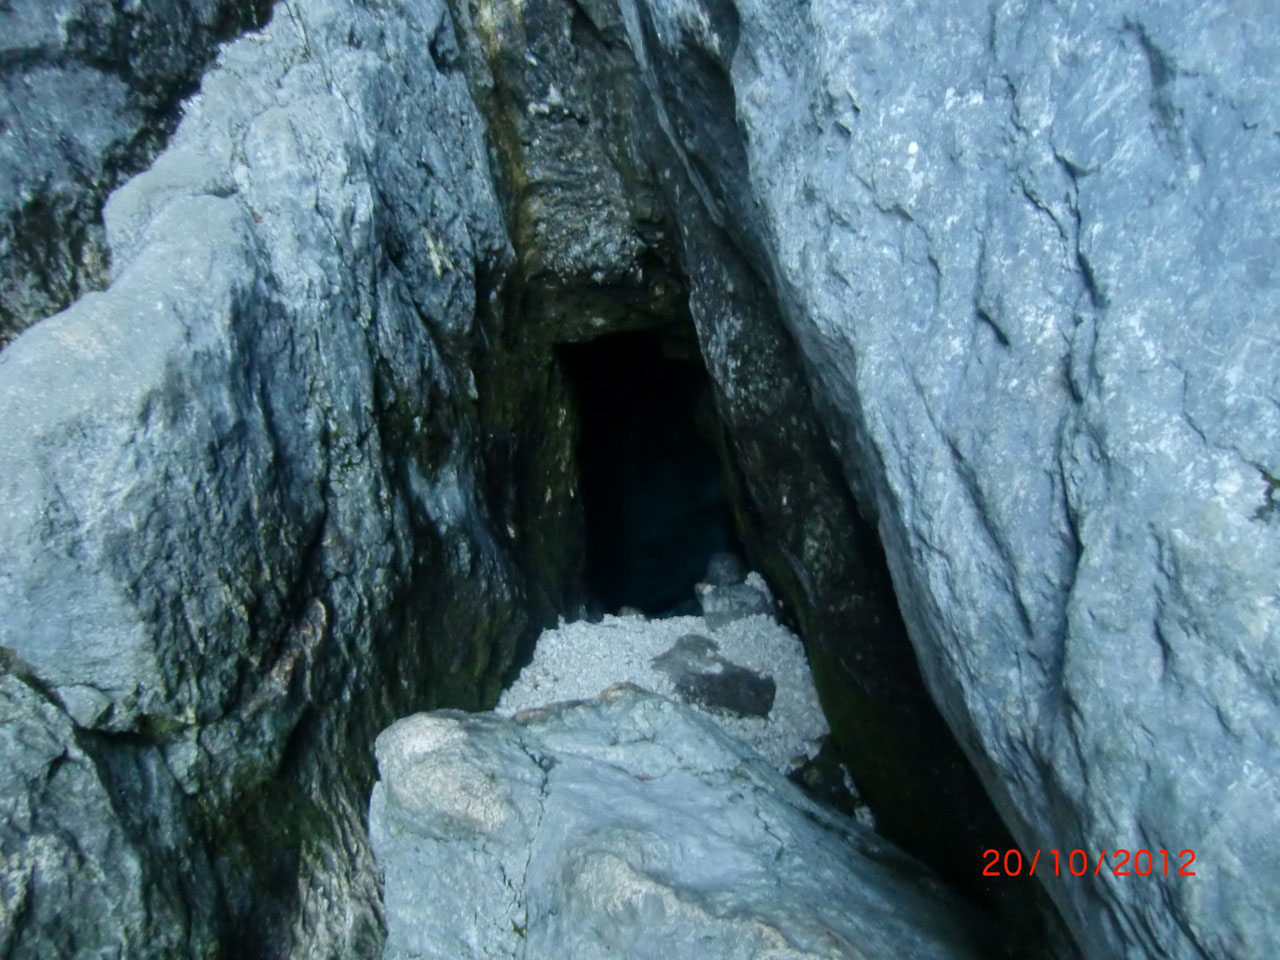 Klettersteig Soca Quelle : Soča quelle 20.10.2012 unterwegs im dreiländereck Österreich